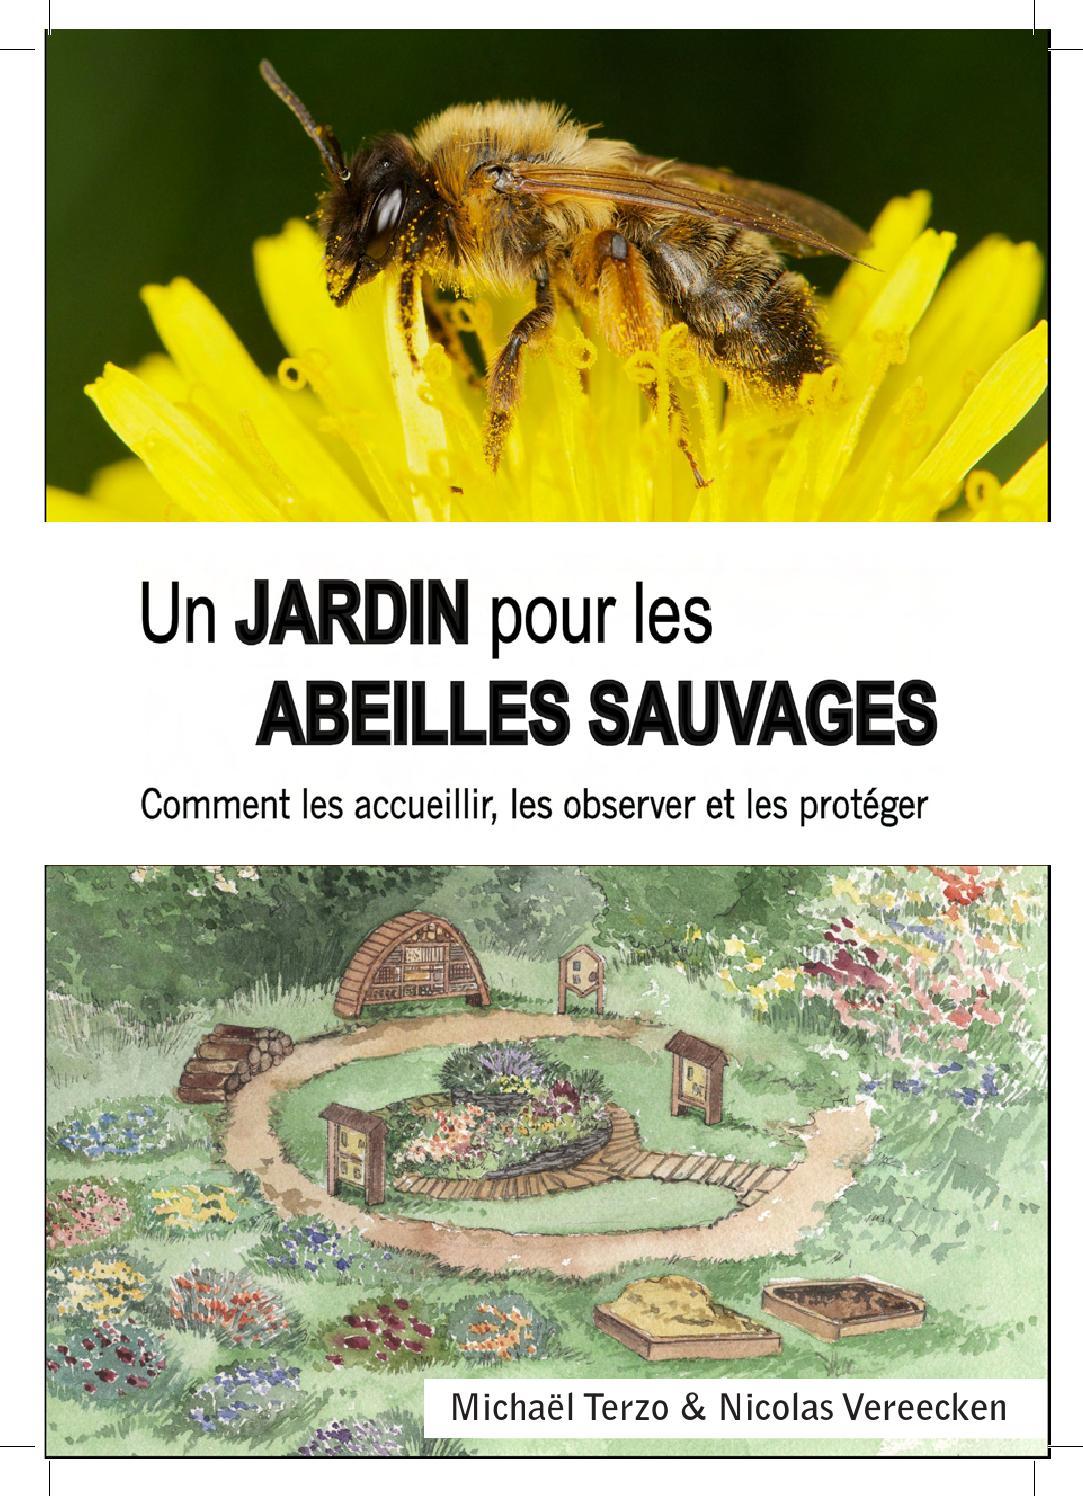 в какие месяцы выходит журнал пчеловодство